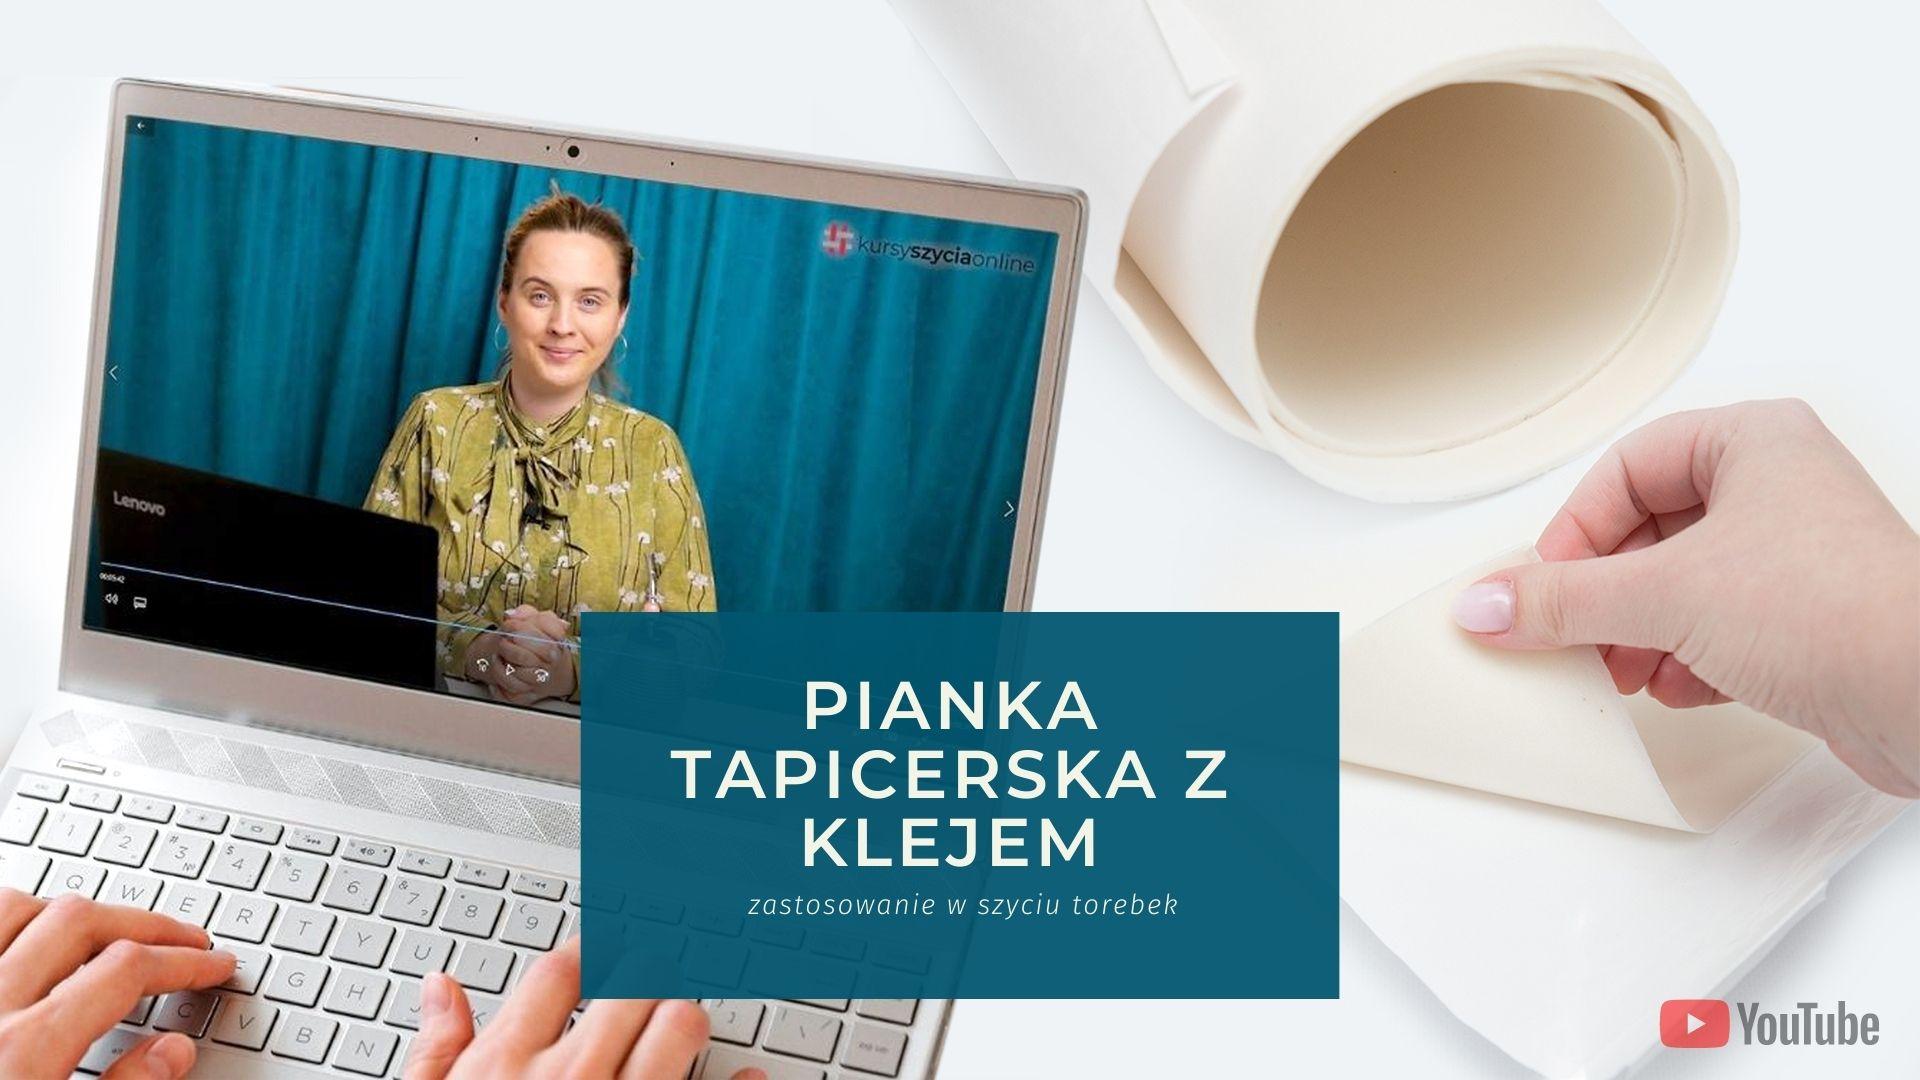 Read more about the article Pianka tapicerska, samoprzylepna z klejem – zastosowanie w szyciu torebek.